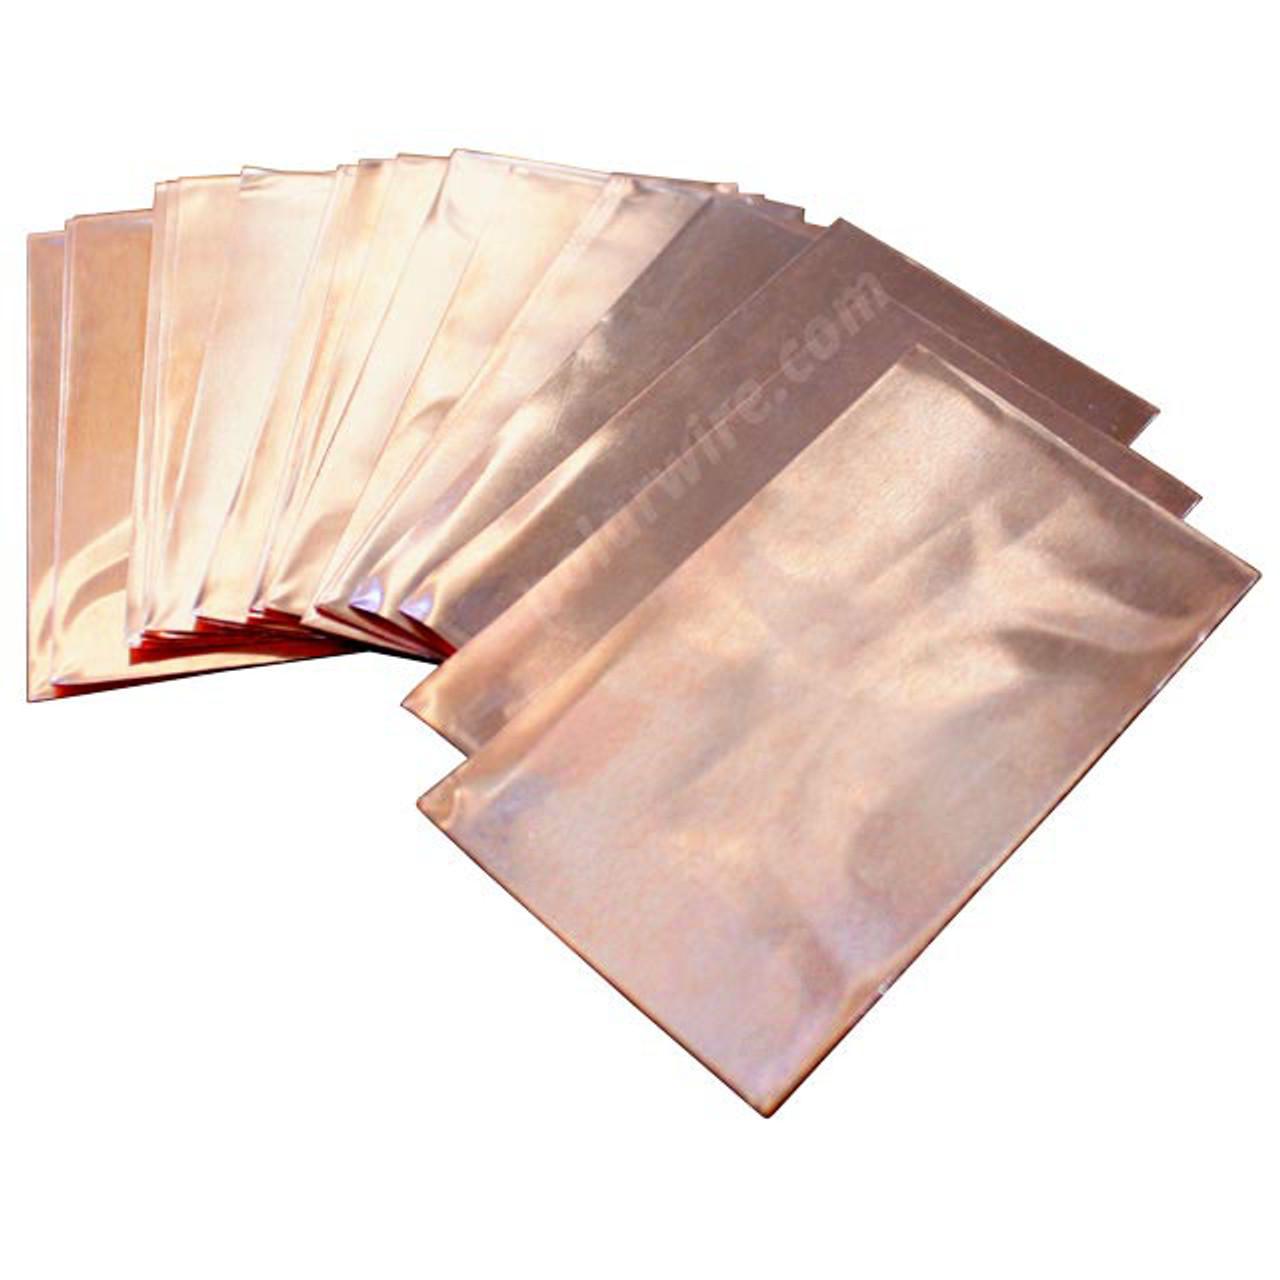 430244.1 CL/CLS Copper Shim